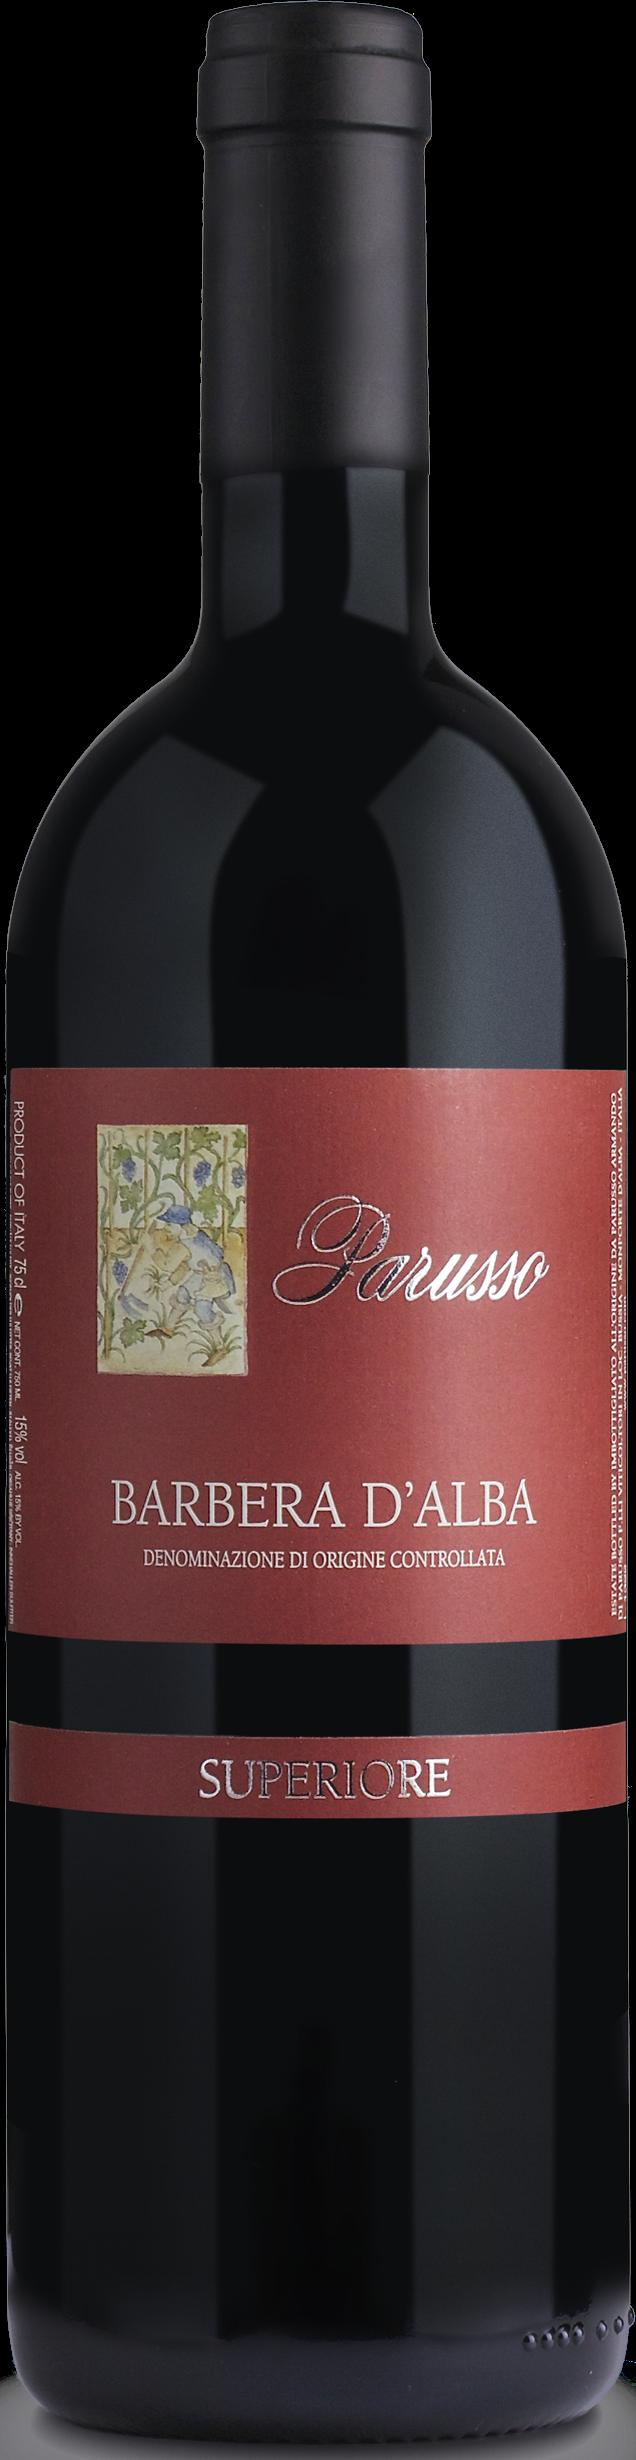 Barbera d'Alba Sup. Etichetta Rossa DOC 2015